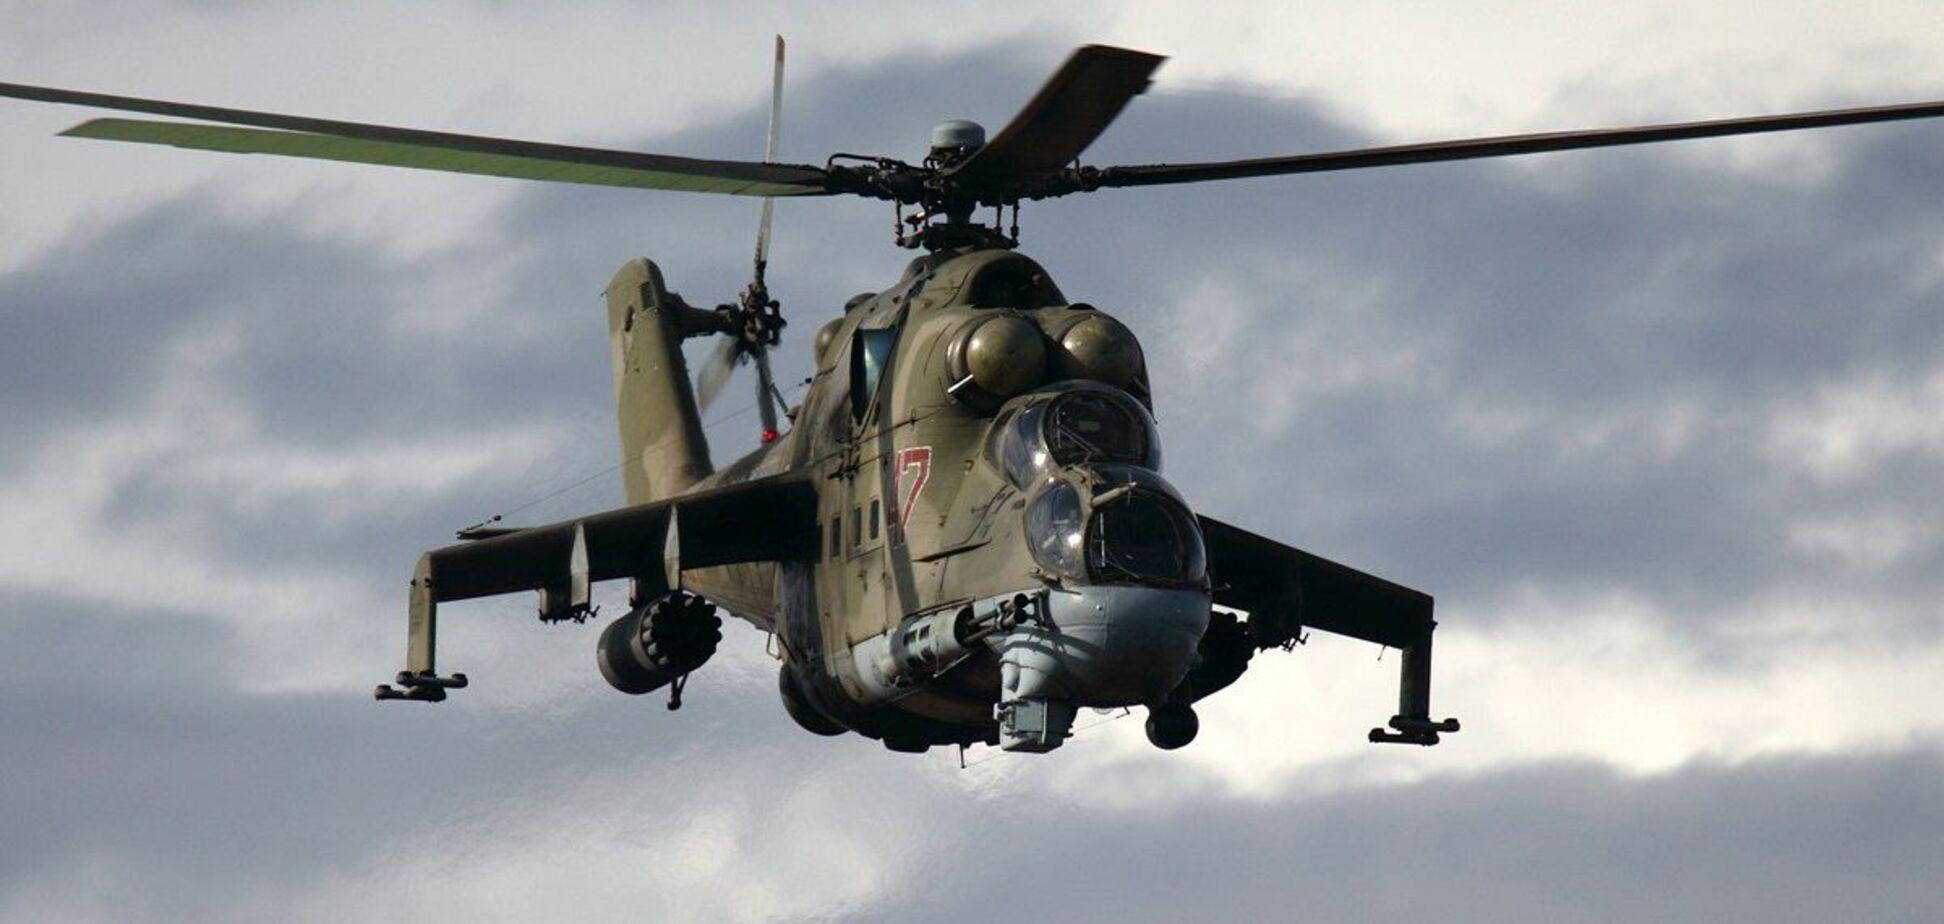 Азербайджан признал, что сбил российский вертолет и извинился